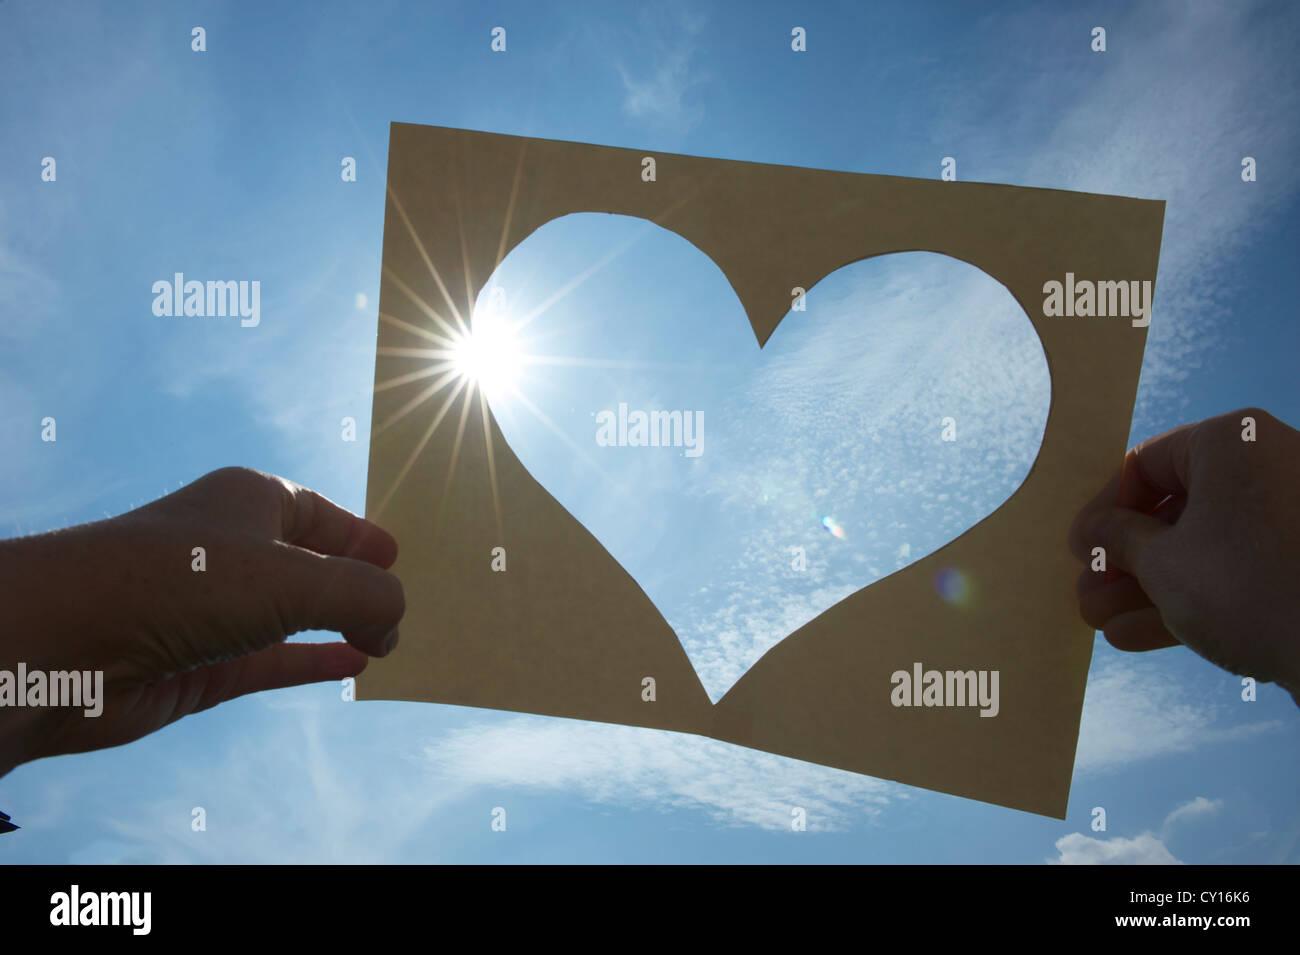 Ein Herz aus Pappe in Den Himmel hat Gegen Die Sonne, ein Herz schneiden Sie ein Stück Papier, zwei Hände Stockbild